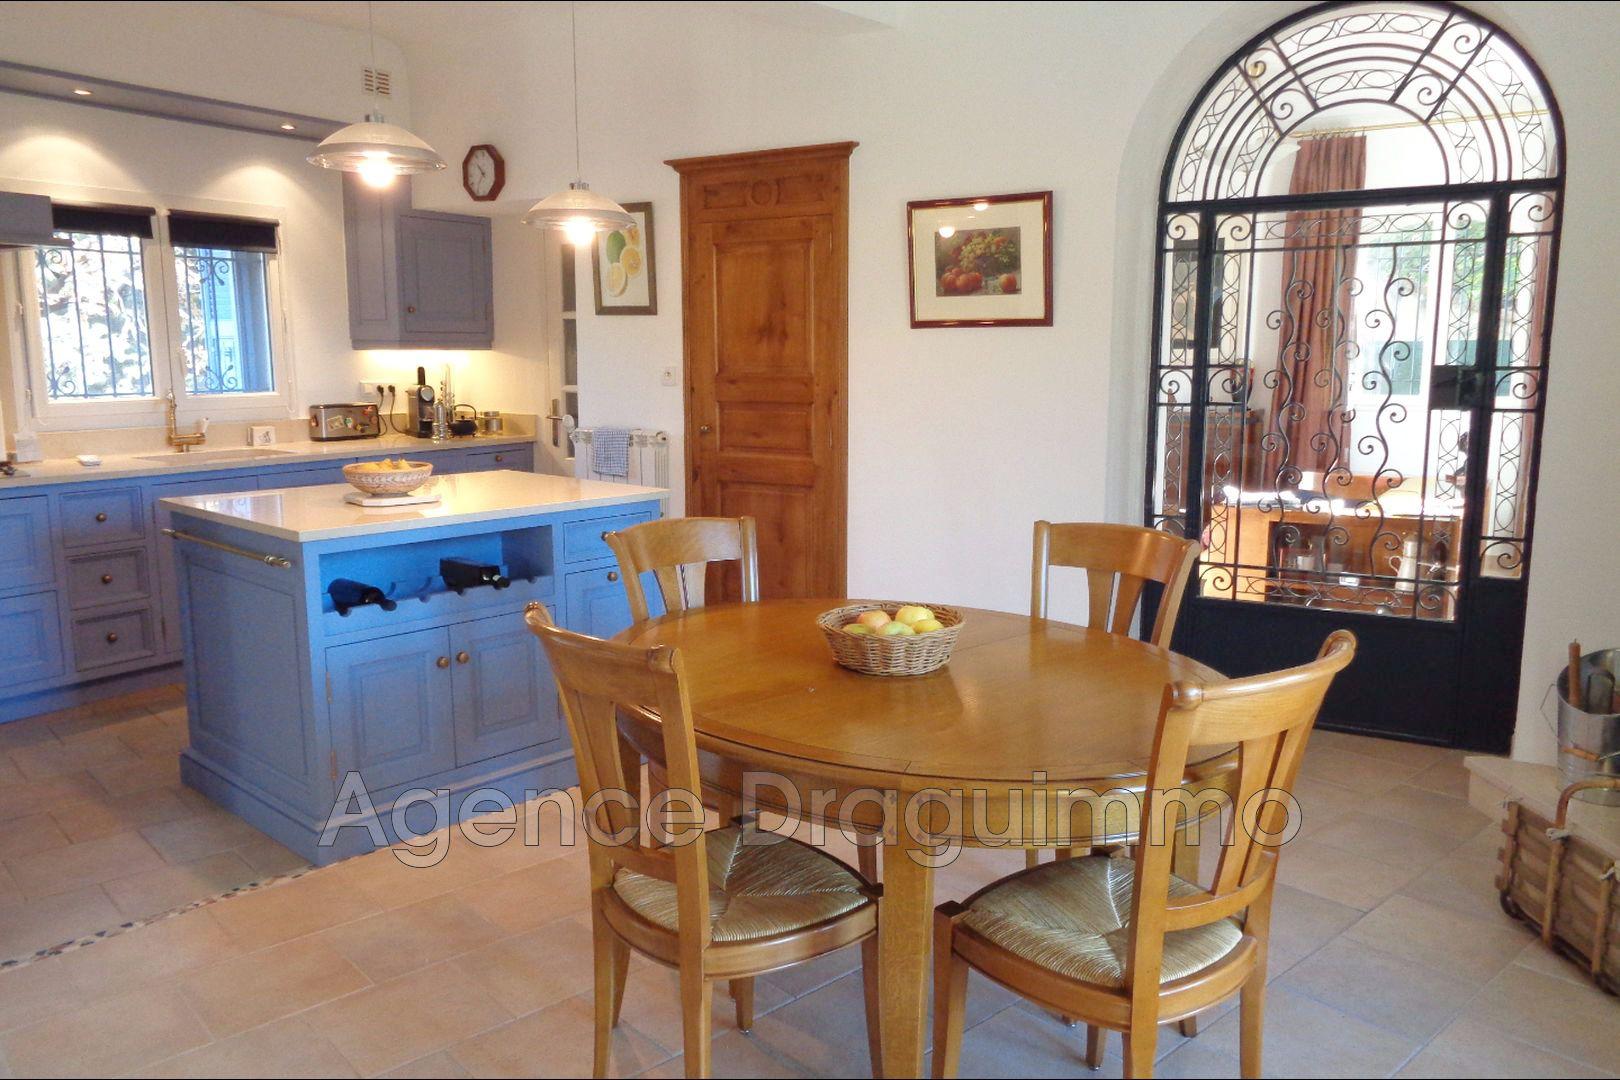 vente maison de ville draguignan 83300 469 000. Black Bedroom Furniture Sets. Home Design Ideas